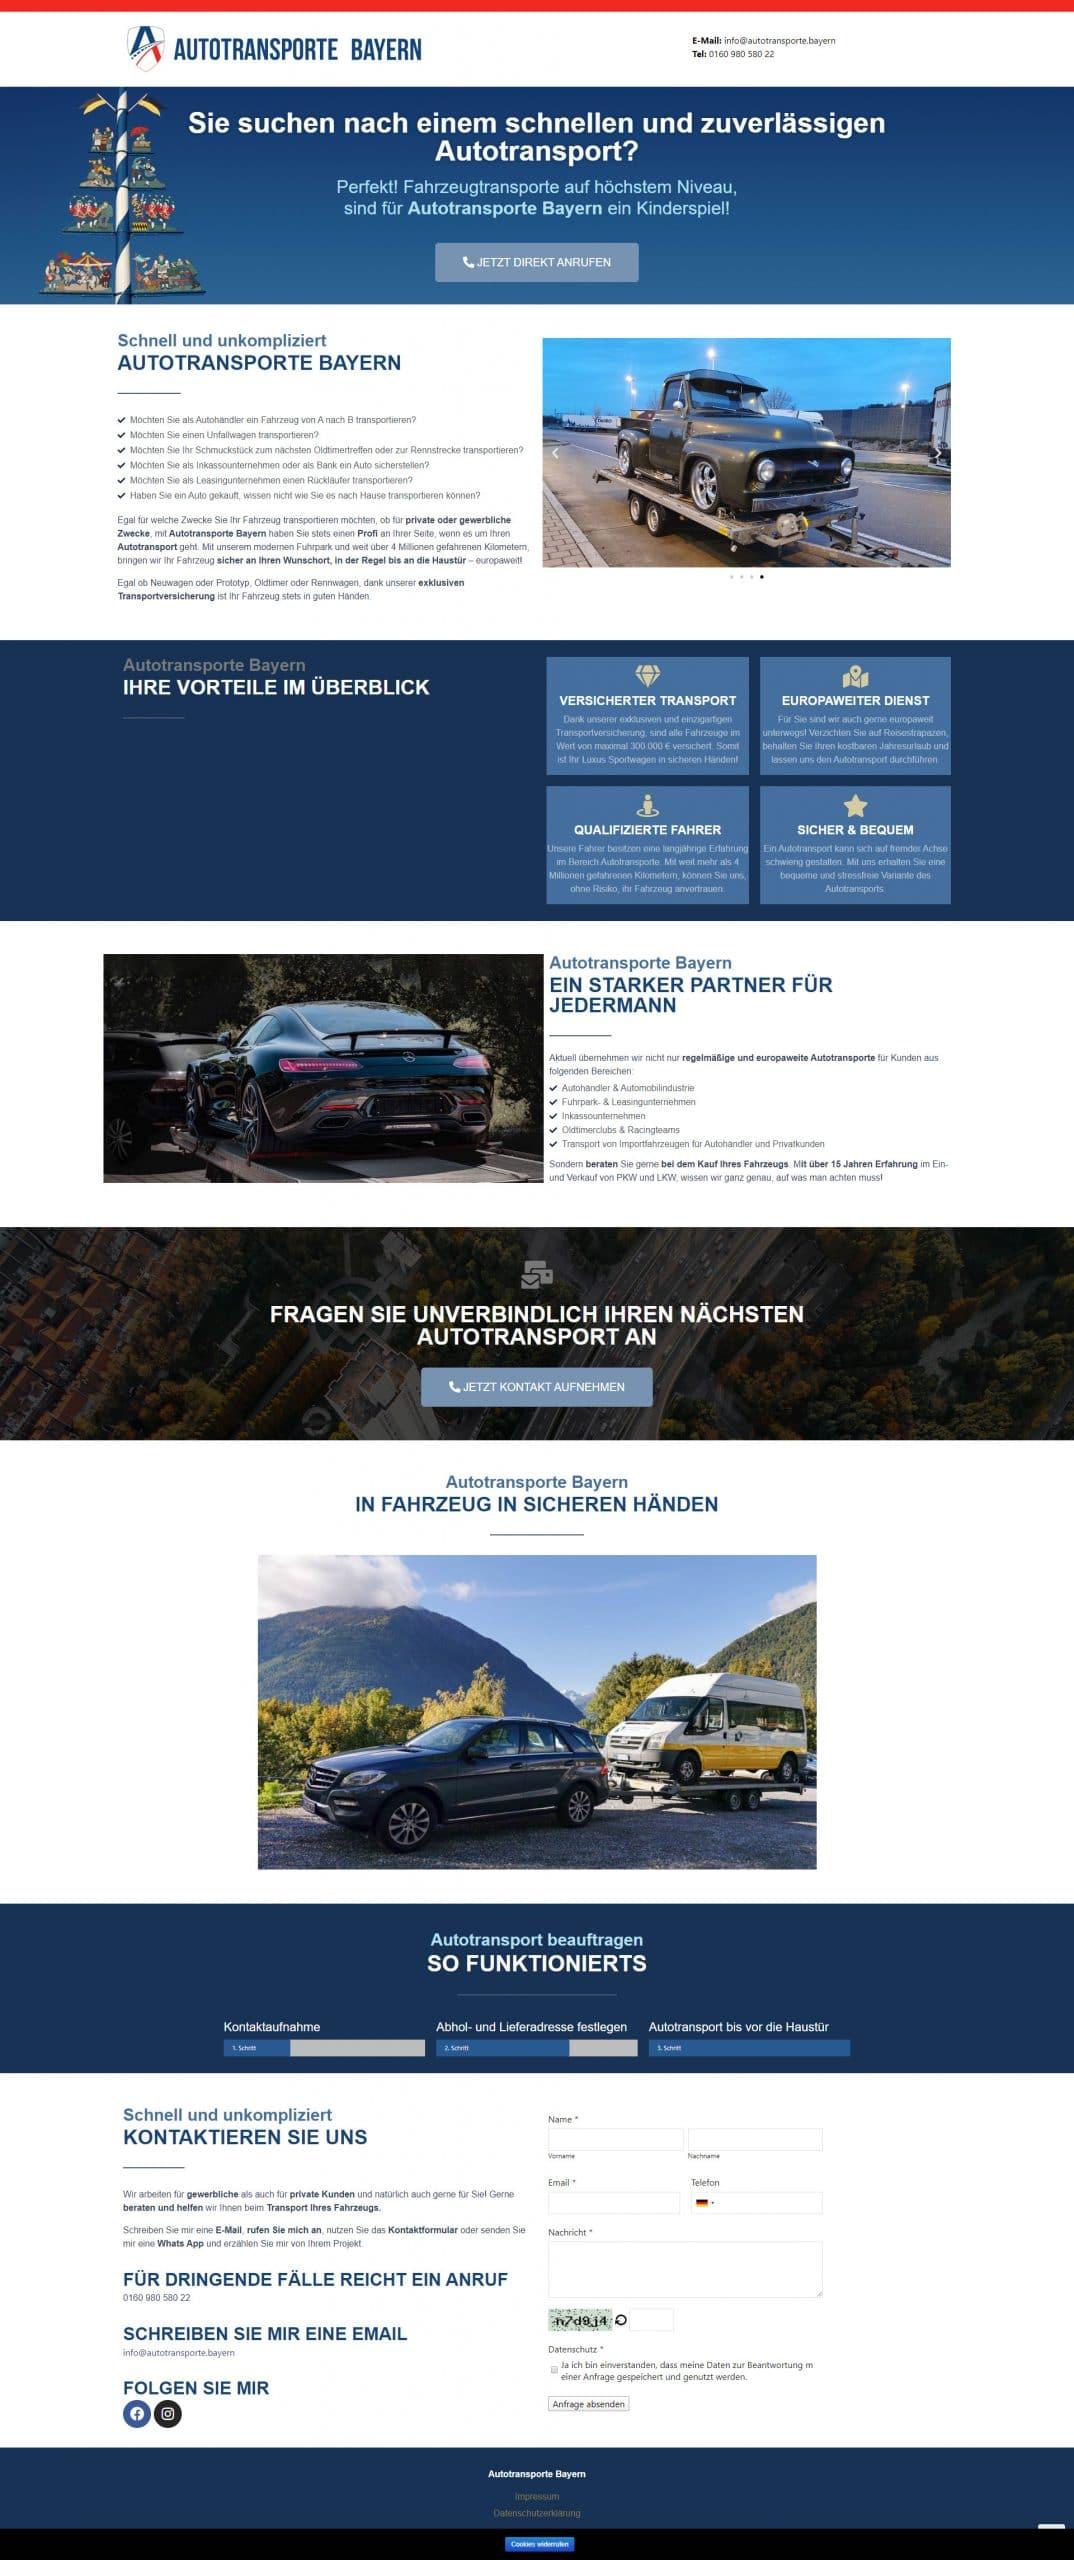 Case Study - Autotransporte Bayern 4